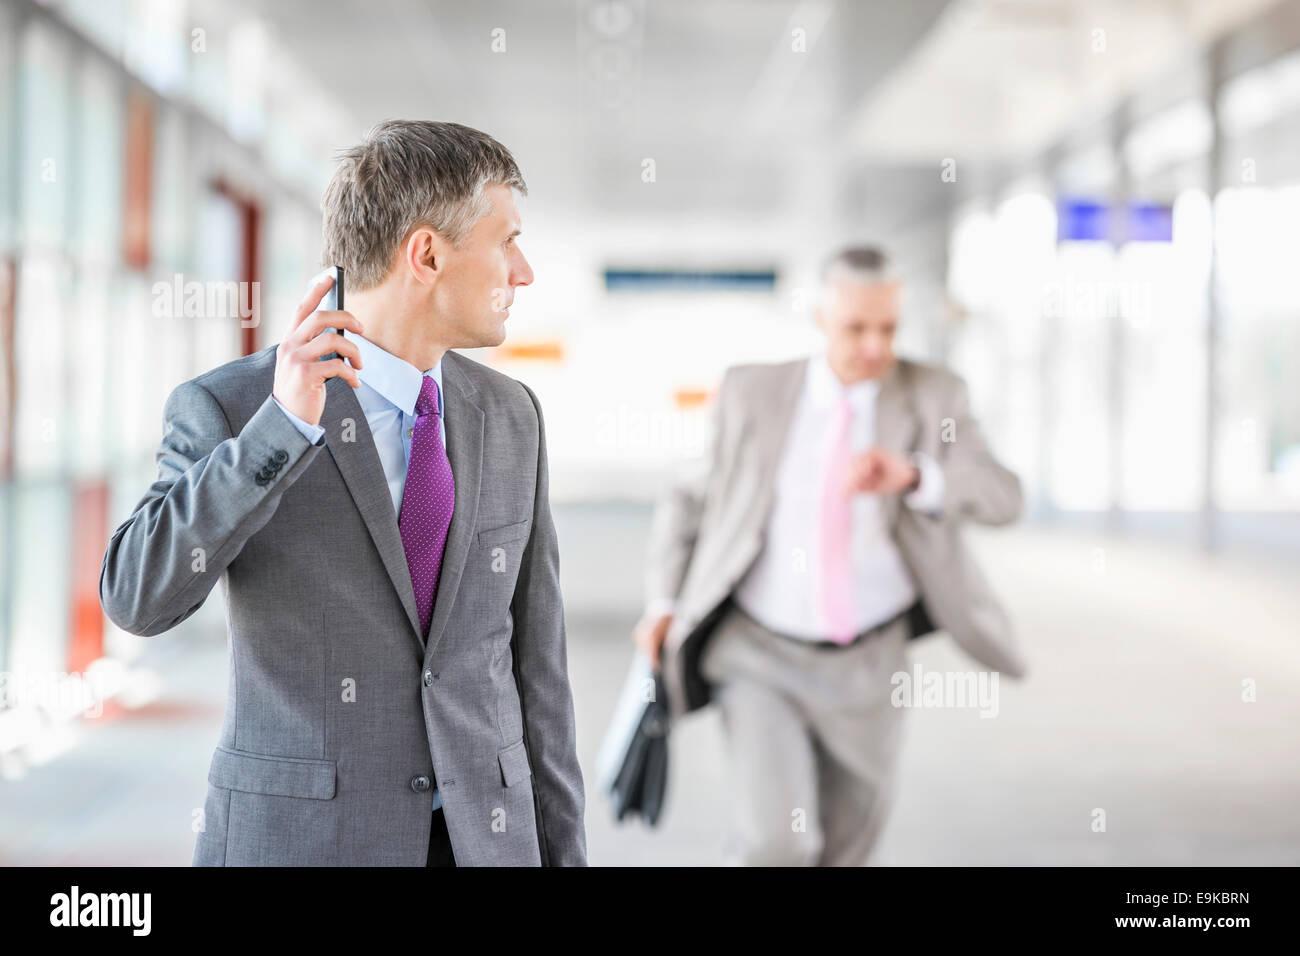 Applying Unternehmer Kollege im Bahnhof laufen zu betrachten Stockbild